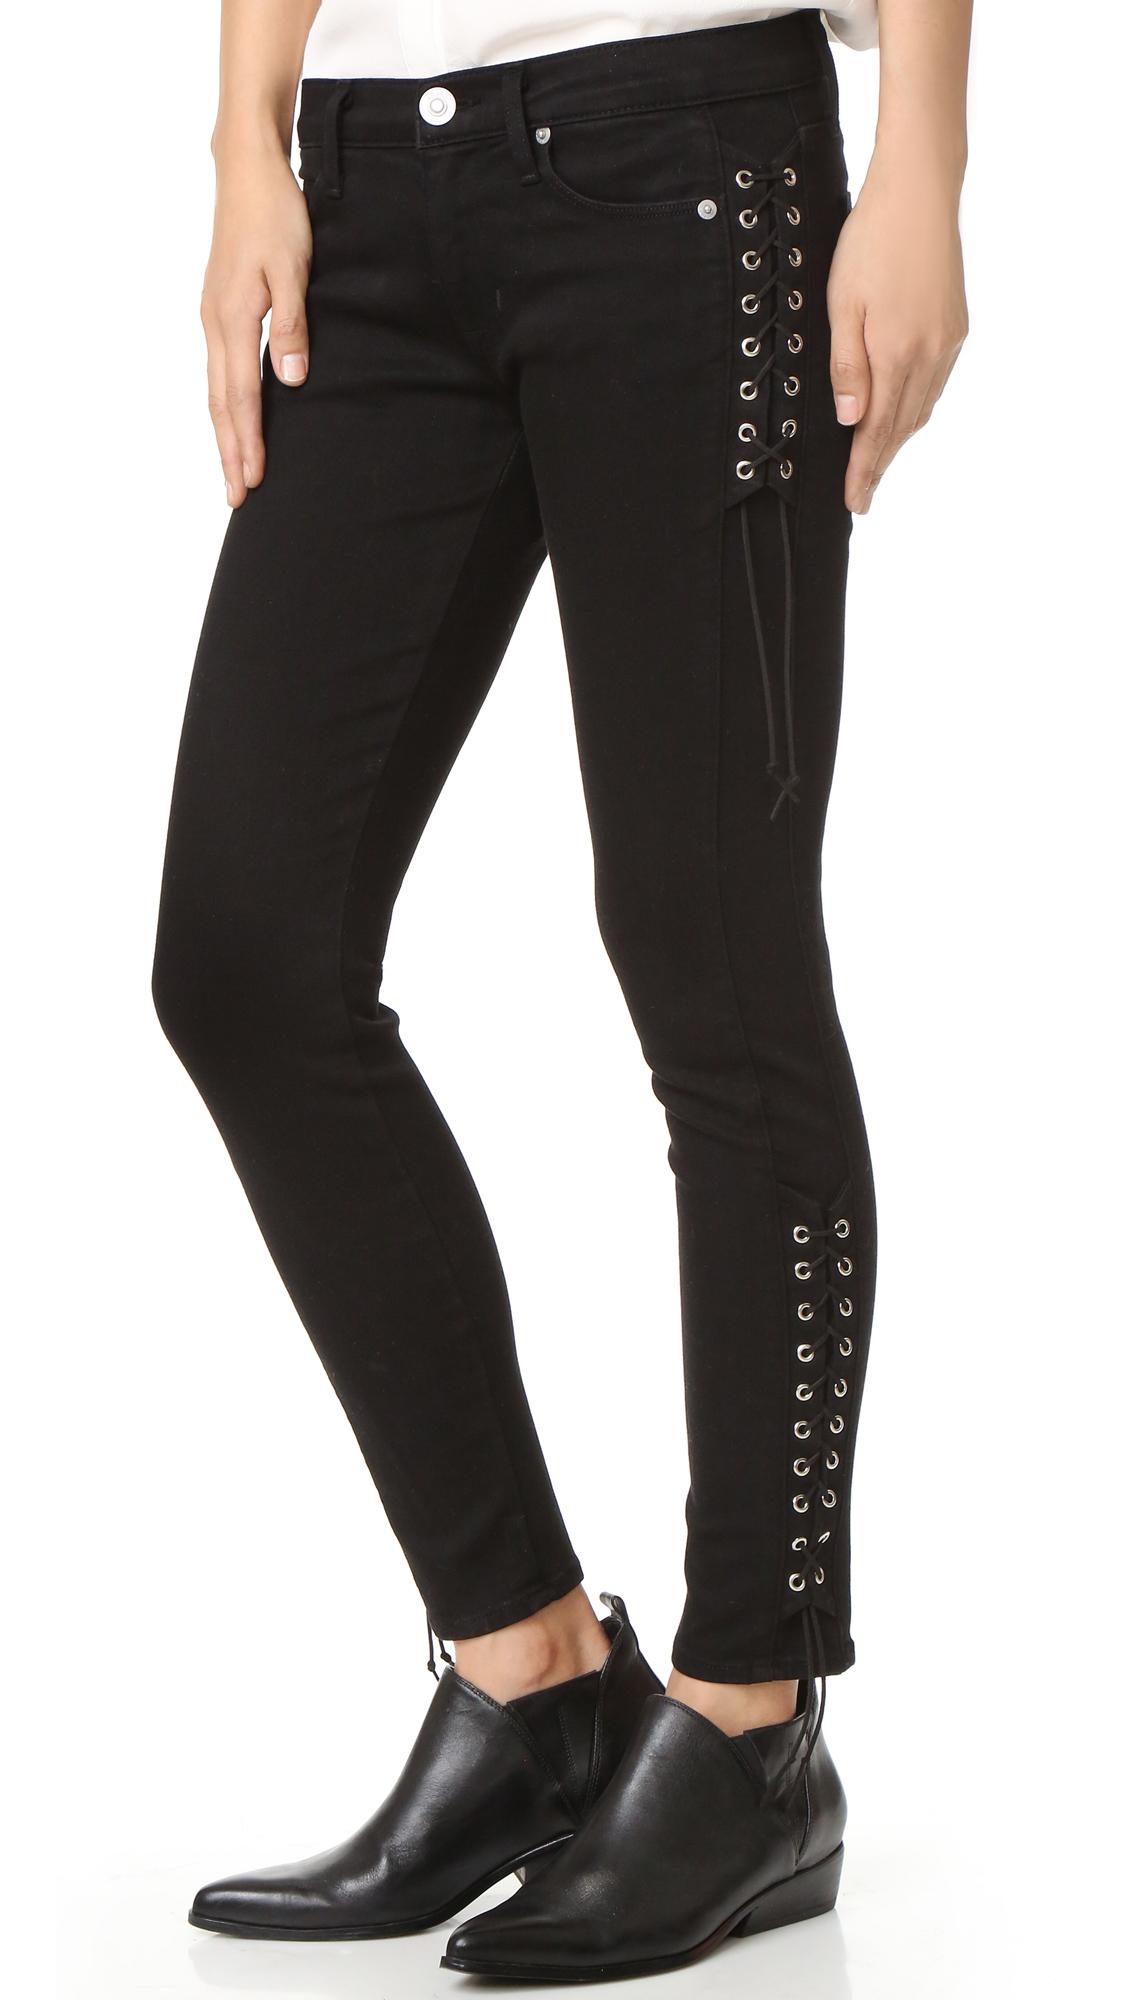 Hudson Suki Skinny Jeans - Black at Shopbop